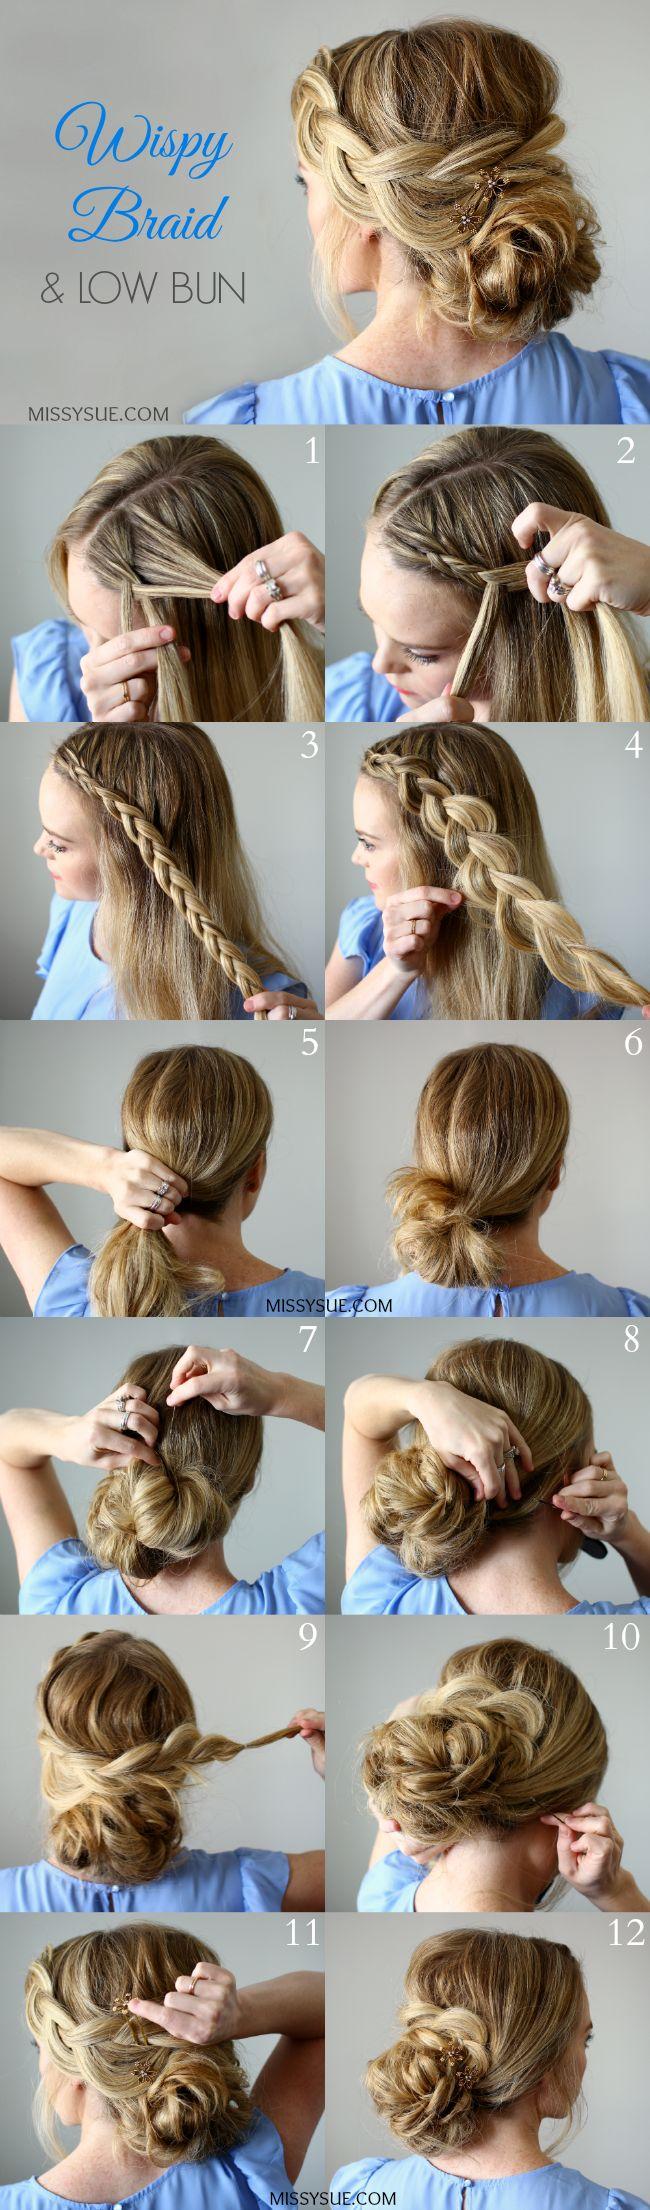 Tutoriel chignon en image! Simple à réaliser sur cheveux longs / mi-longs…